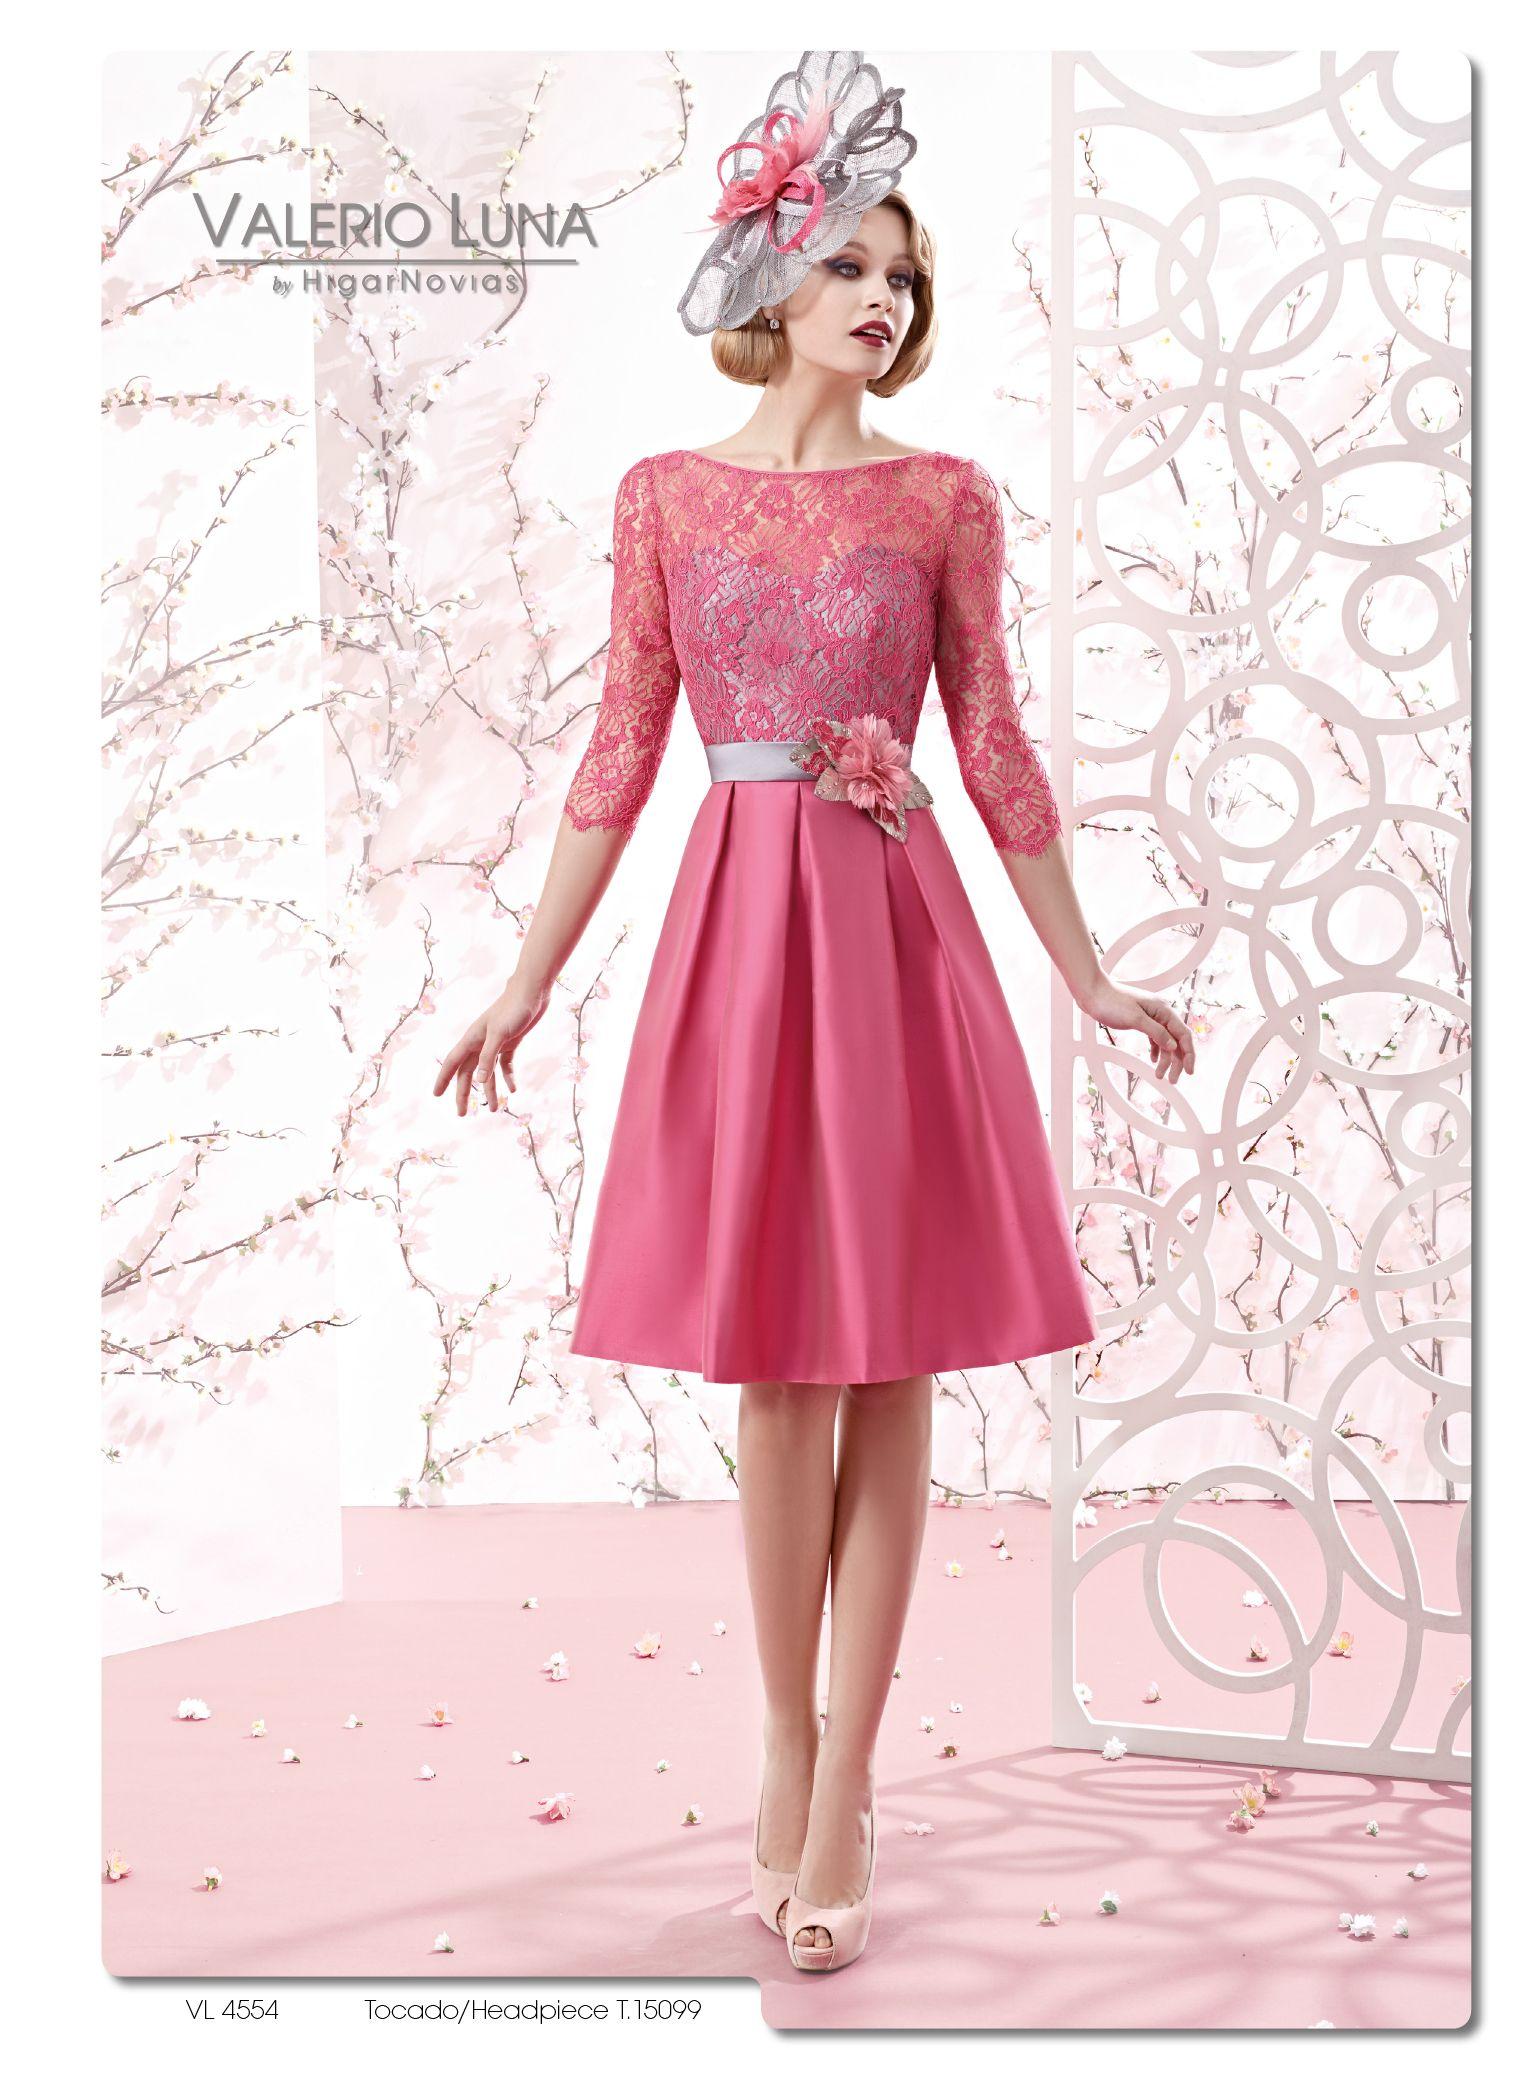 Vestido de fiesta fucsia en Dream Day Valladolid www.dreamday.es ...